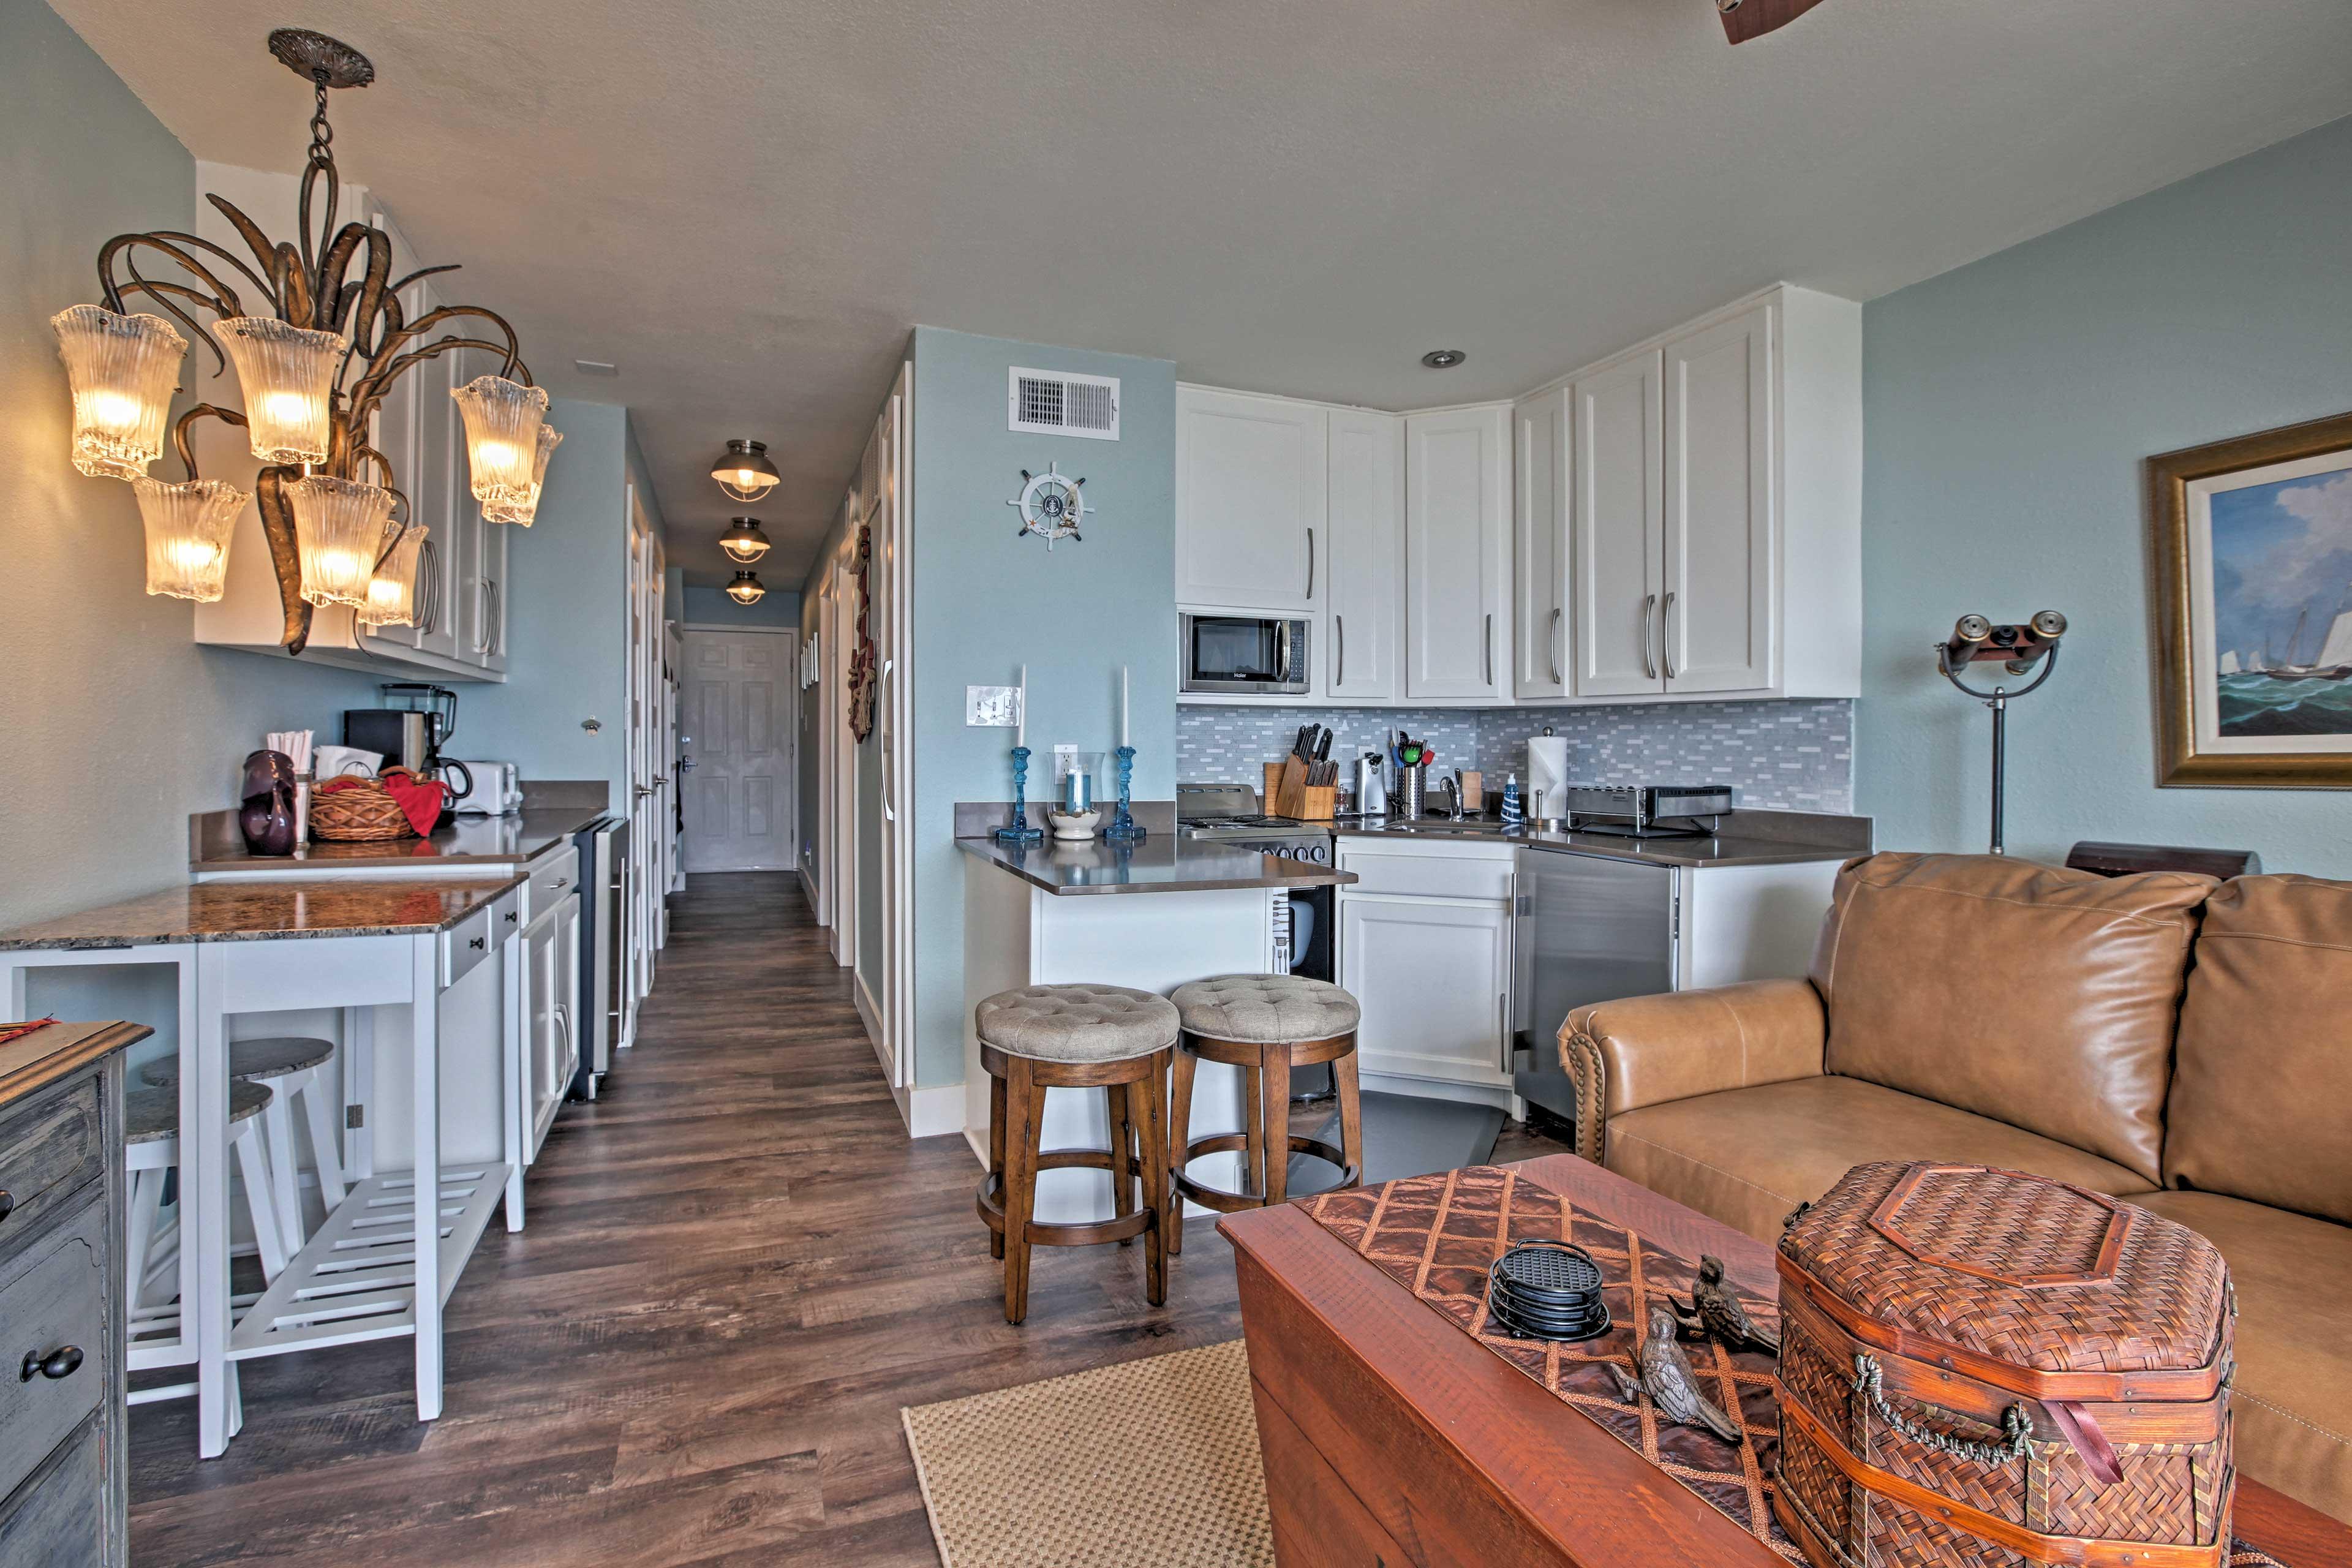 Galveston Vacation Rental Condo   1BR   1BA   520 Sq Ft   3rd Floor